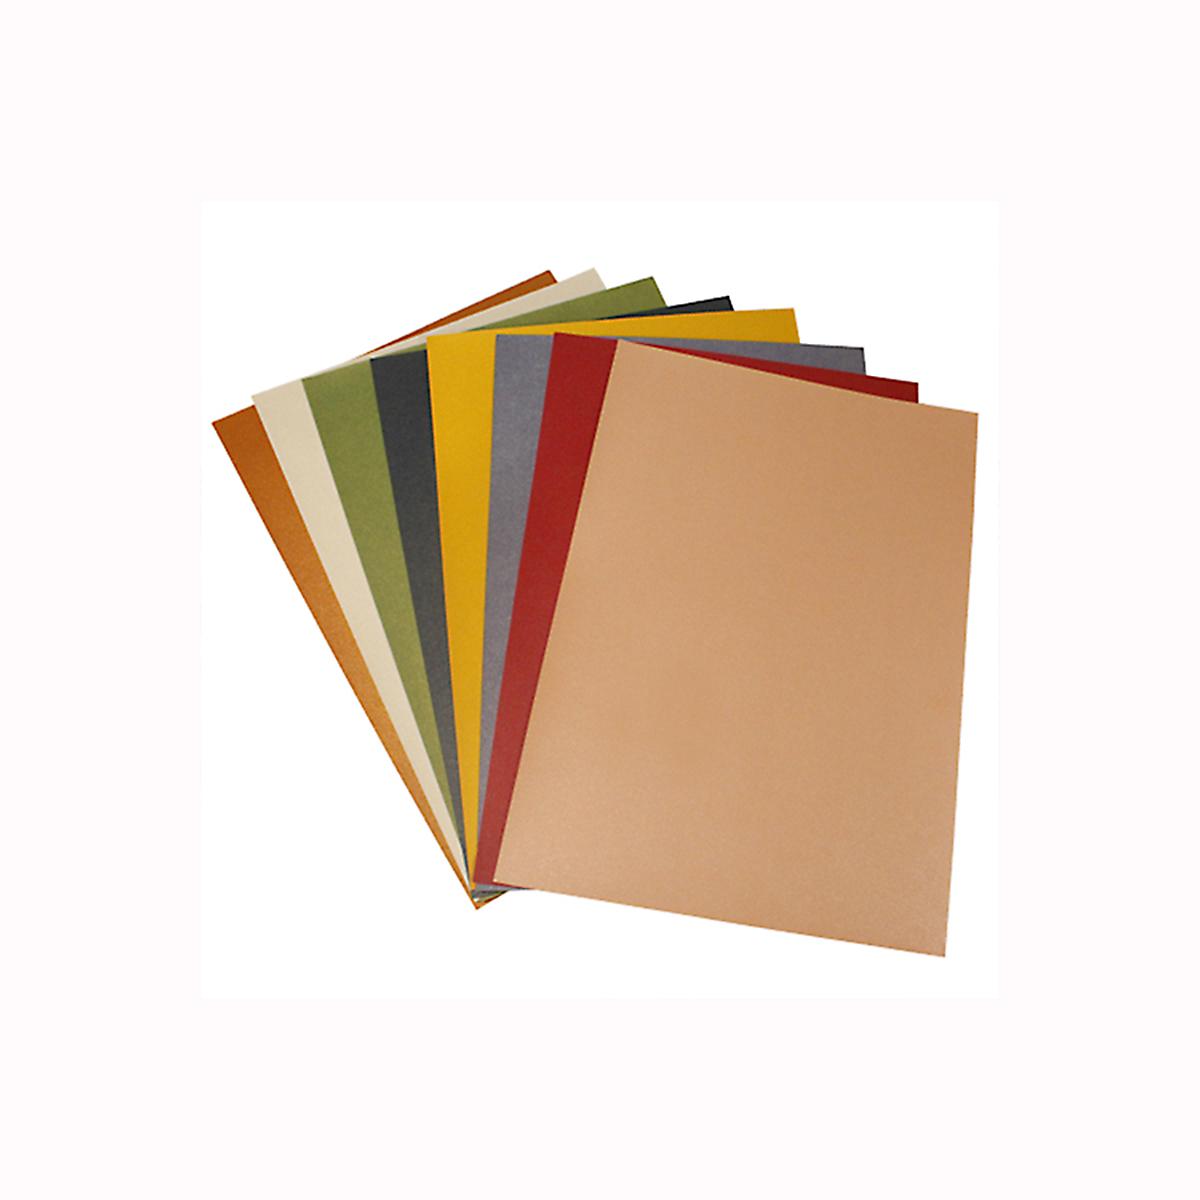 Бумага Бэстекс Перламутровая, 8 листов. 545638AM594004Бумага Бэстекс Перламутровая идеально подходит для творческих работ и скрапбукинга.Бумага Бэстекс Перламутровая поможет вам сохранить все важные моменты жизни на собственных изделиях из фотографий, газетных вырезок, рисунков и других памятных мелочей. Эту бумагу можно использовать как фон или для создания декоративных элементов.В наборе 8 листов формата А4.